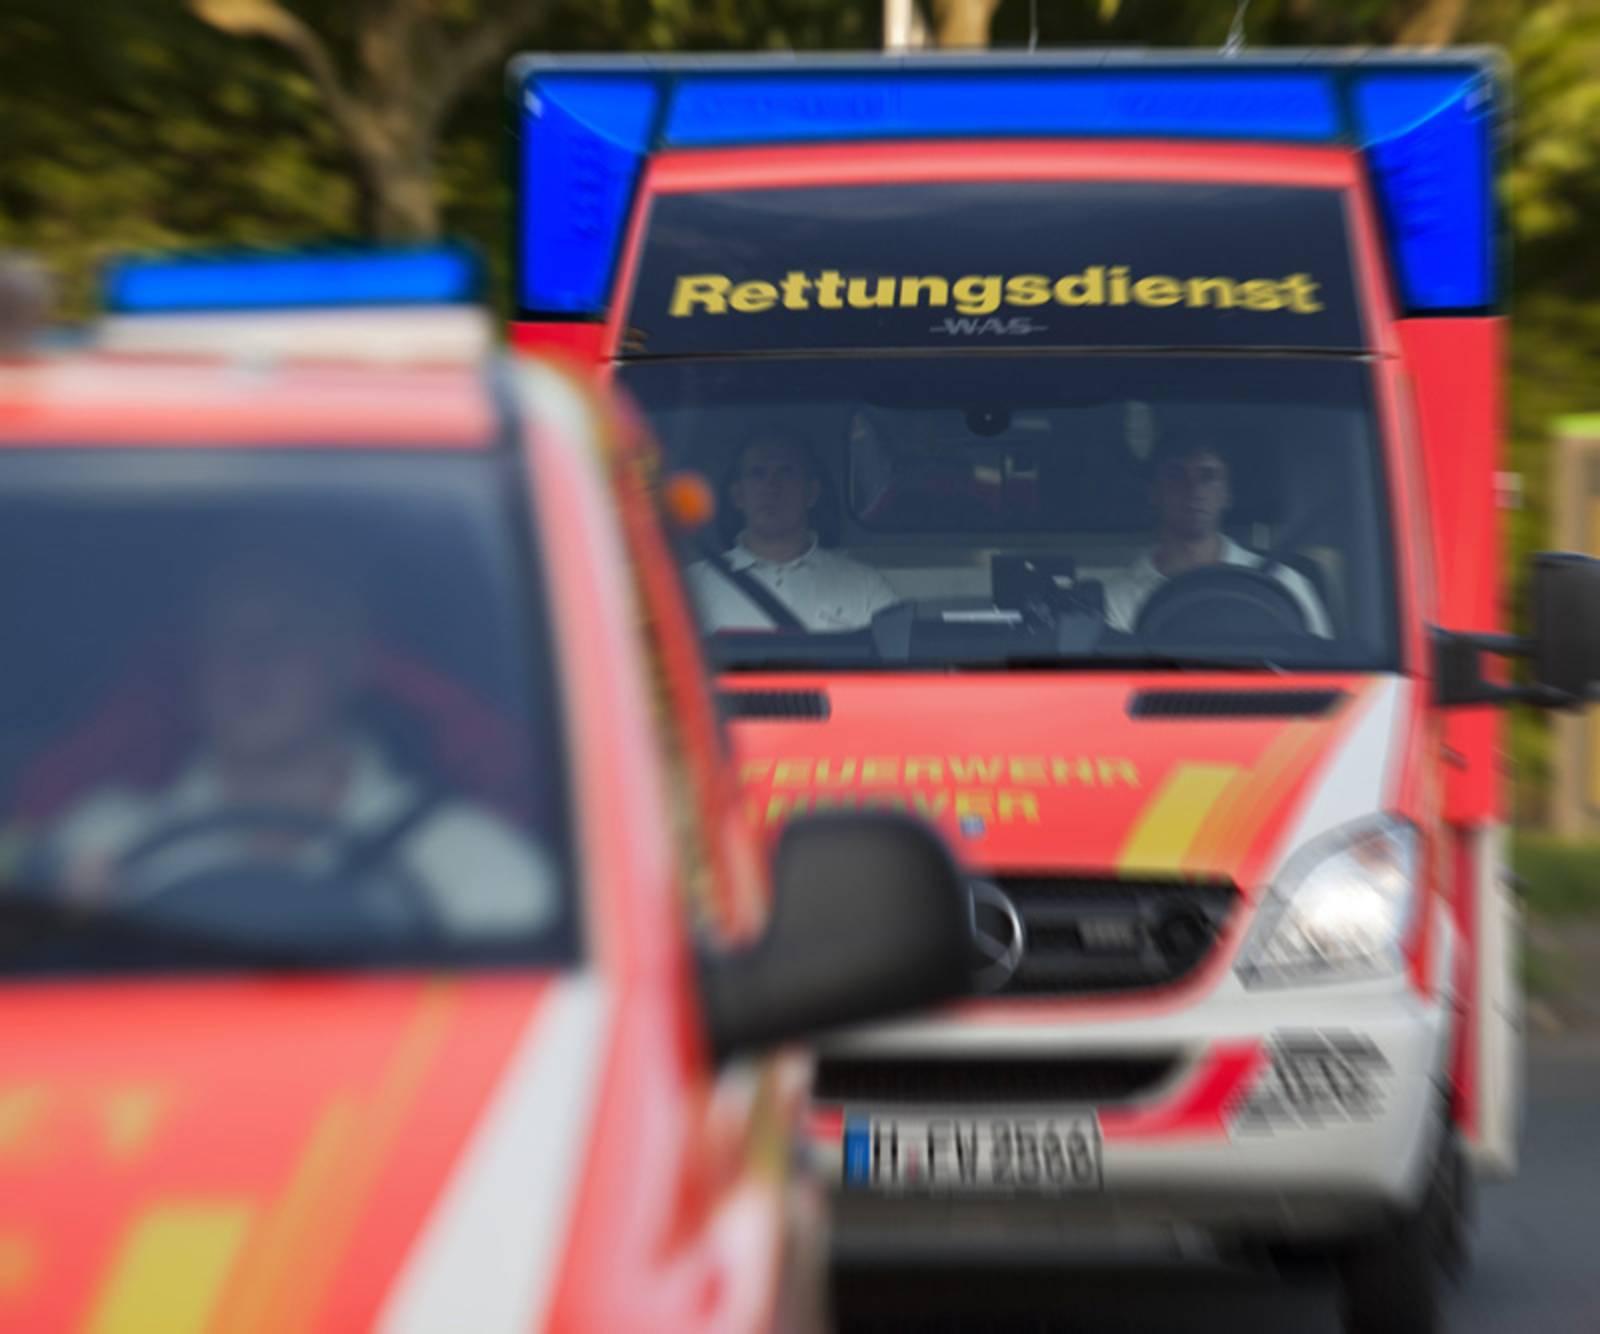 Zwei Einsatzwagen der Feuerwehr Hannover